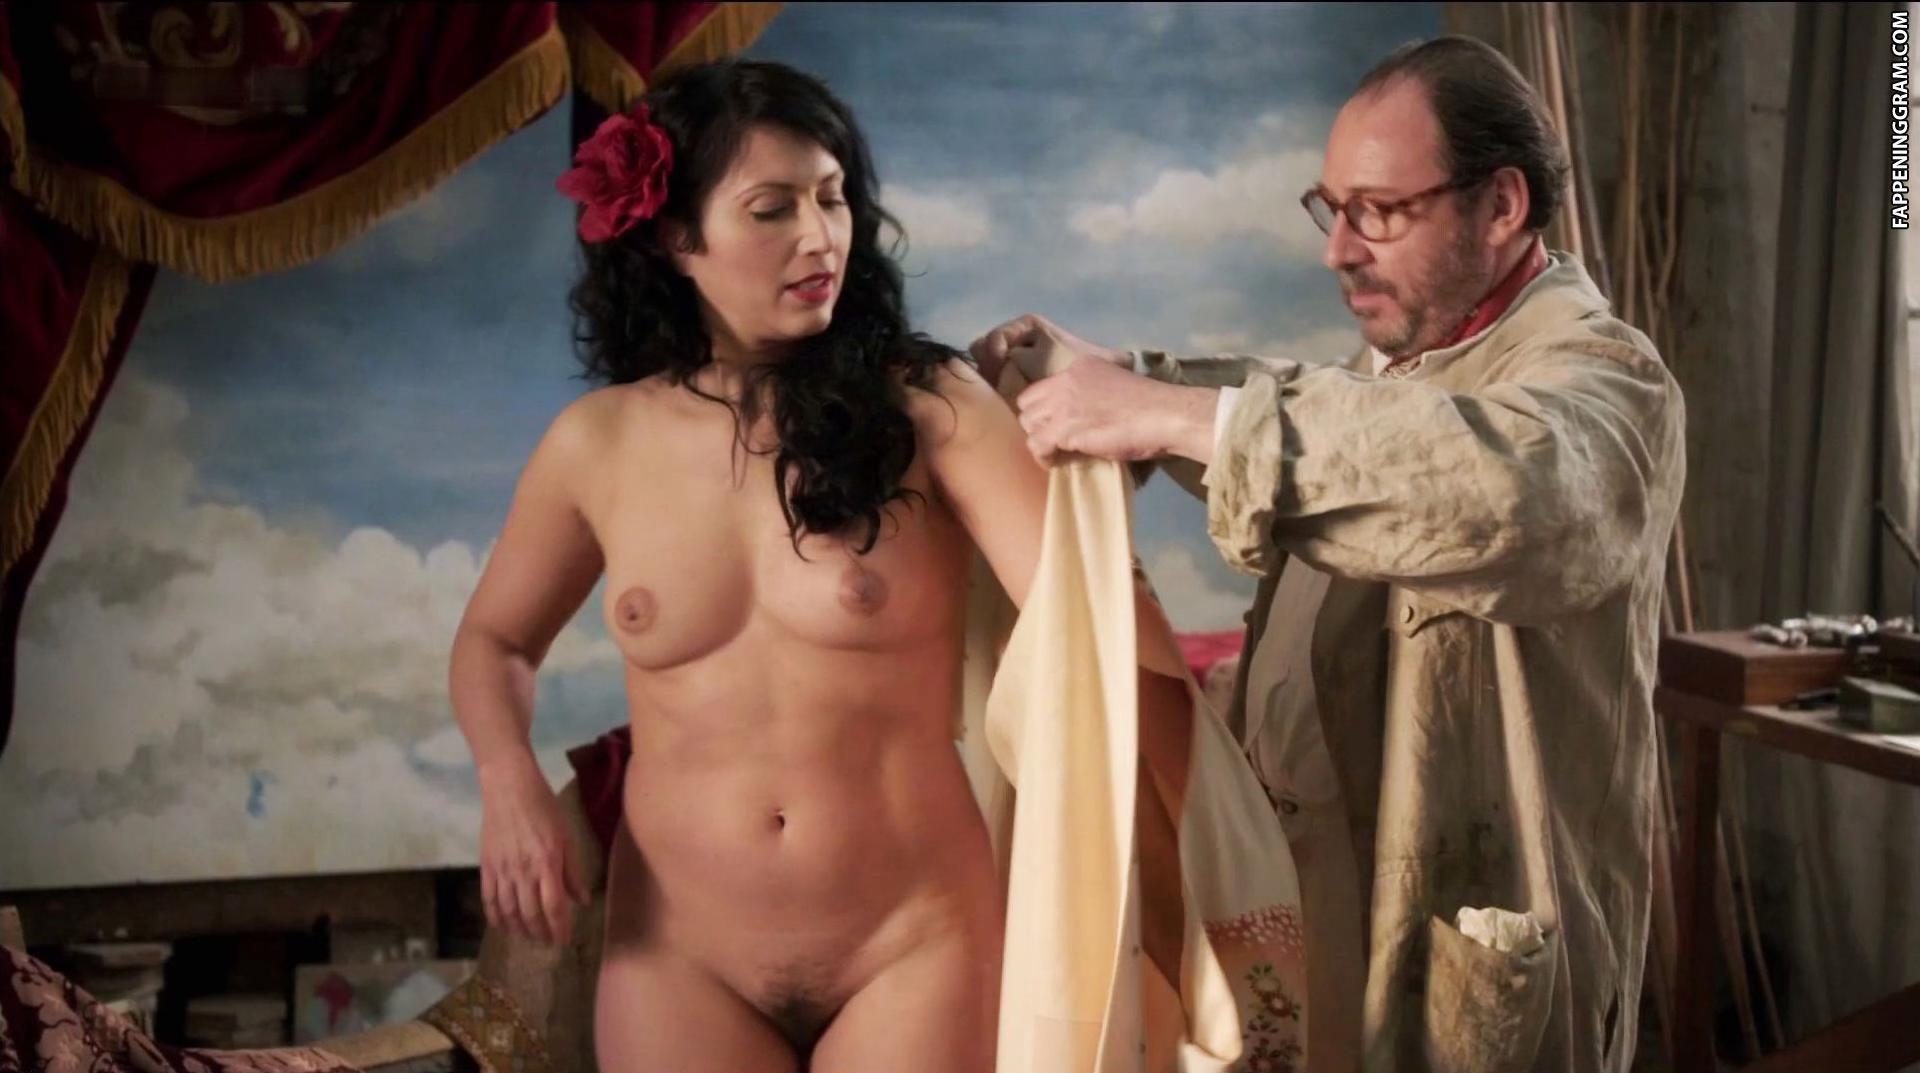 Pornhub scene